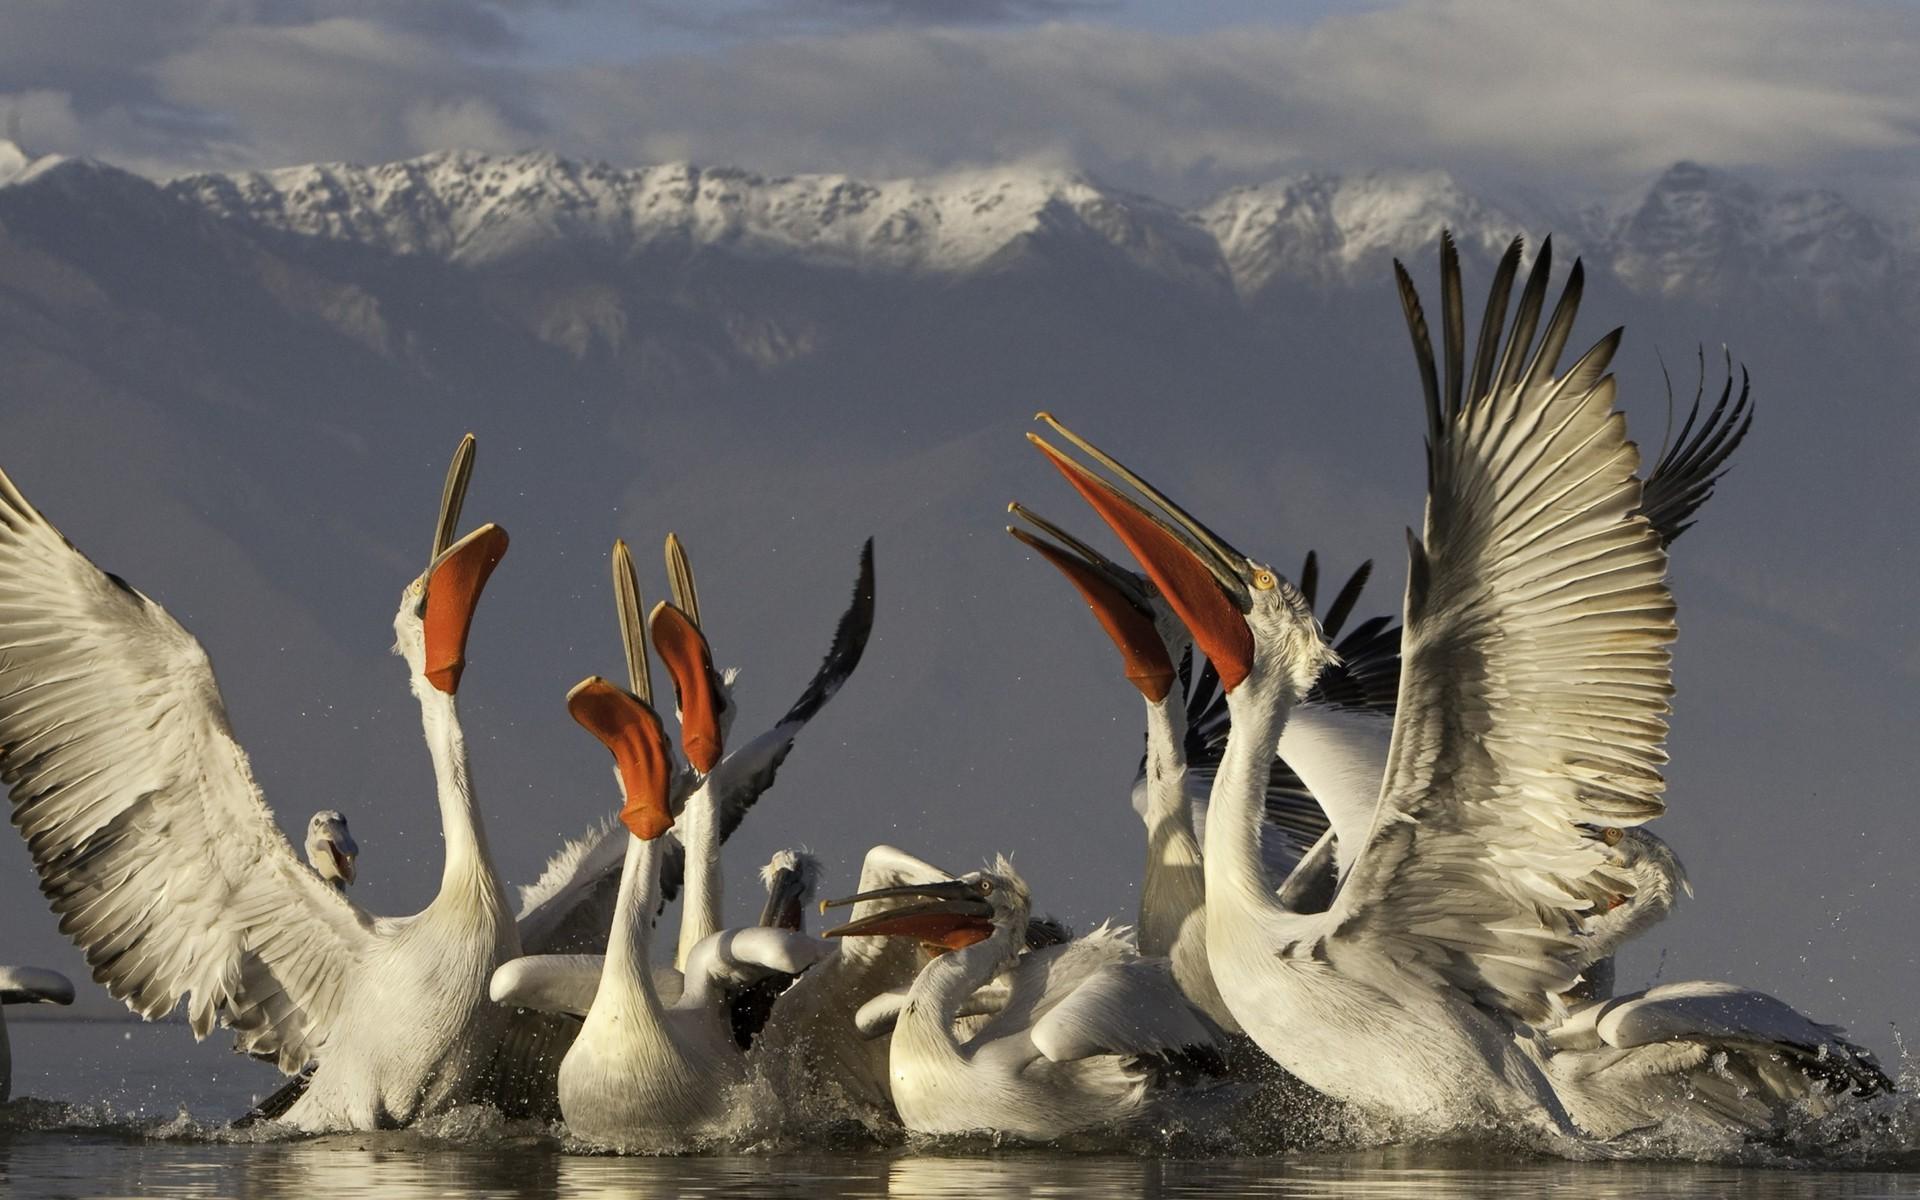 птицы и животный мир европы фото вы, какие известные